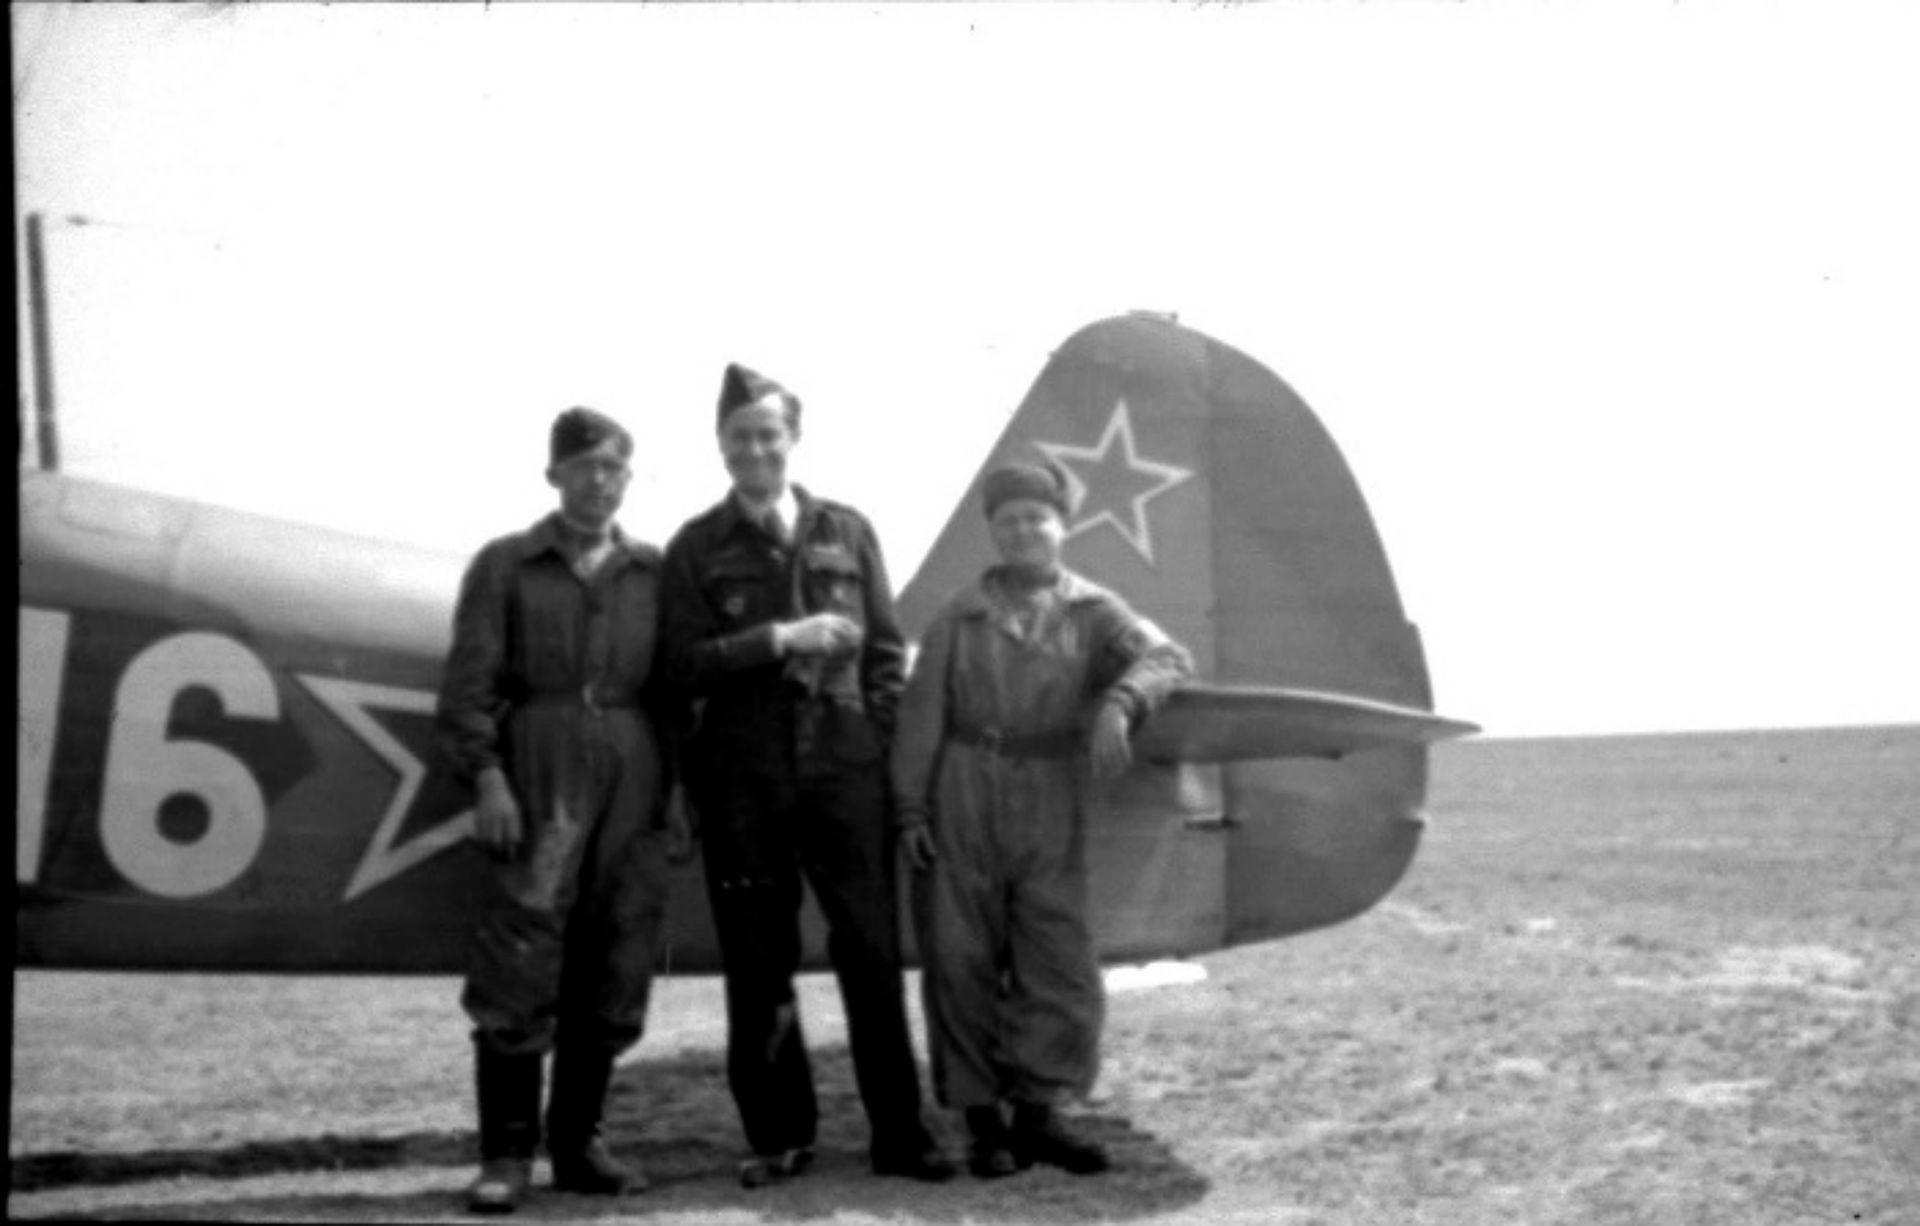 Devant leur Yak-7T: le pilote français Yves Mourier (au milieu), âgé de 32 ans  et  son mécanicien russe Valentin Ivanovitch Ogourtsov, âgé de 18 ans  (à droite).  Il s'agit des membres de la célèbre escadrille Normandie-Niemen.